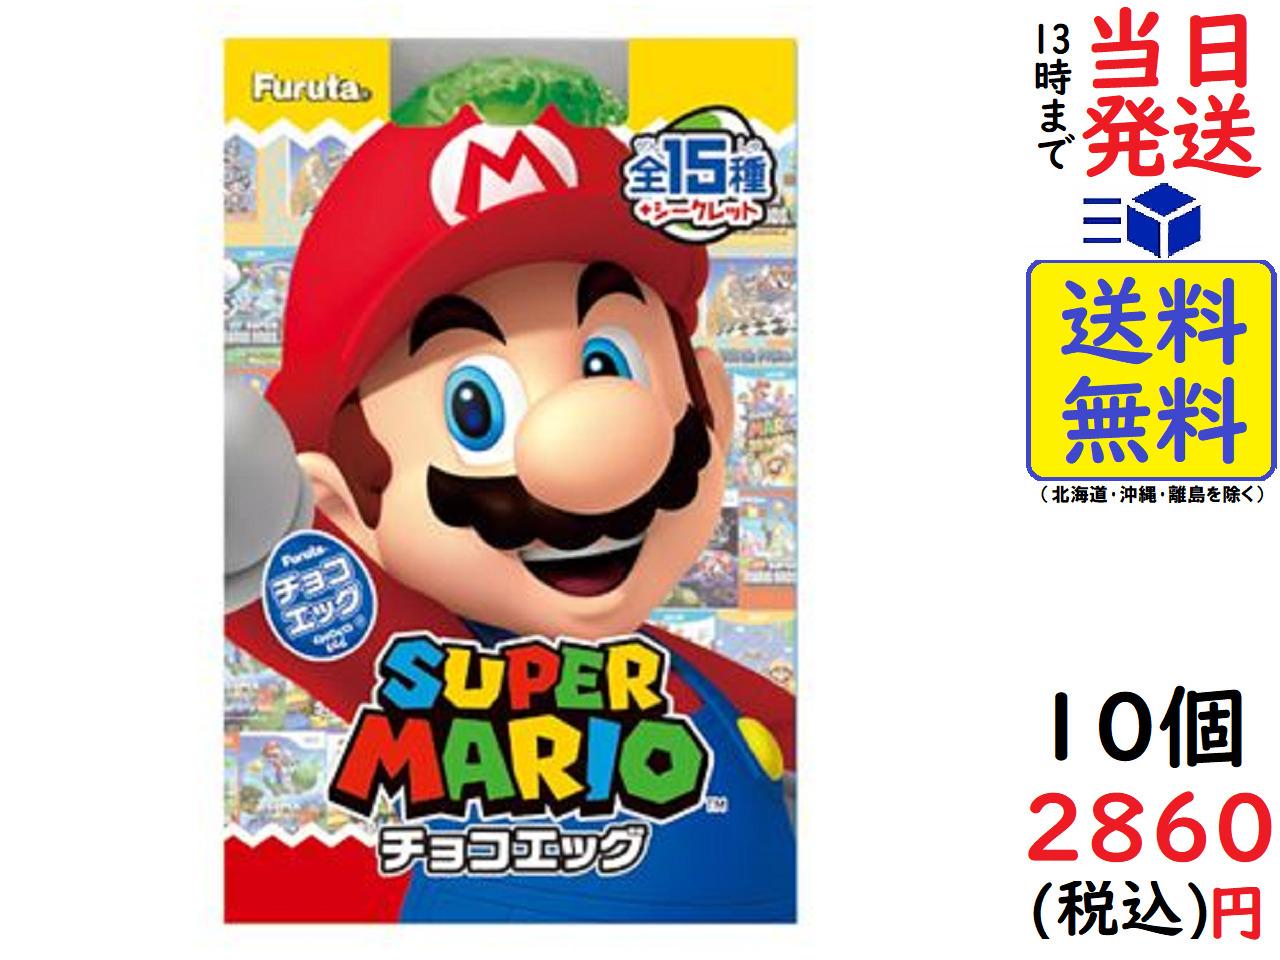 【送料無料】【当日発送】 チョコエッグ スーパーマリオ 10個入りBOX (食玩) 2021/07/19発売予定賞味期限2022/05